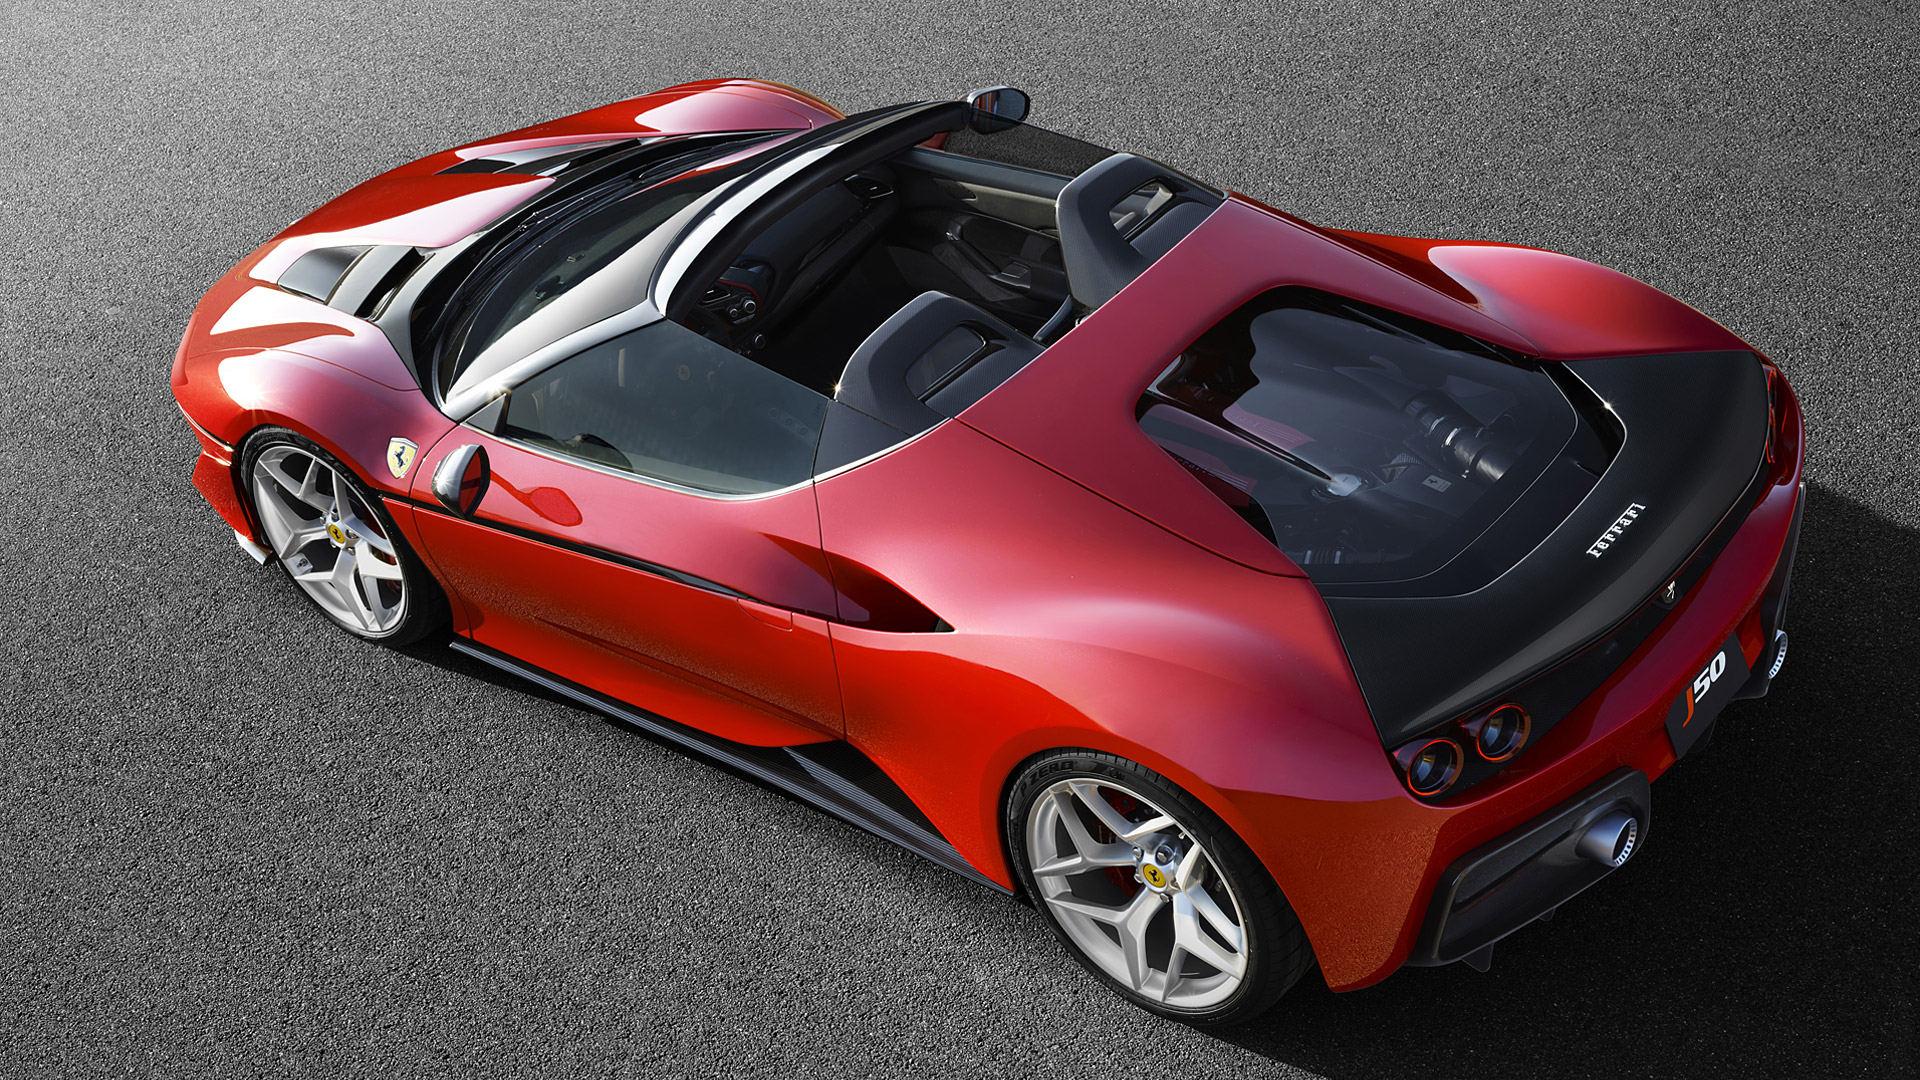 2016 Ferrari J50